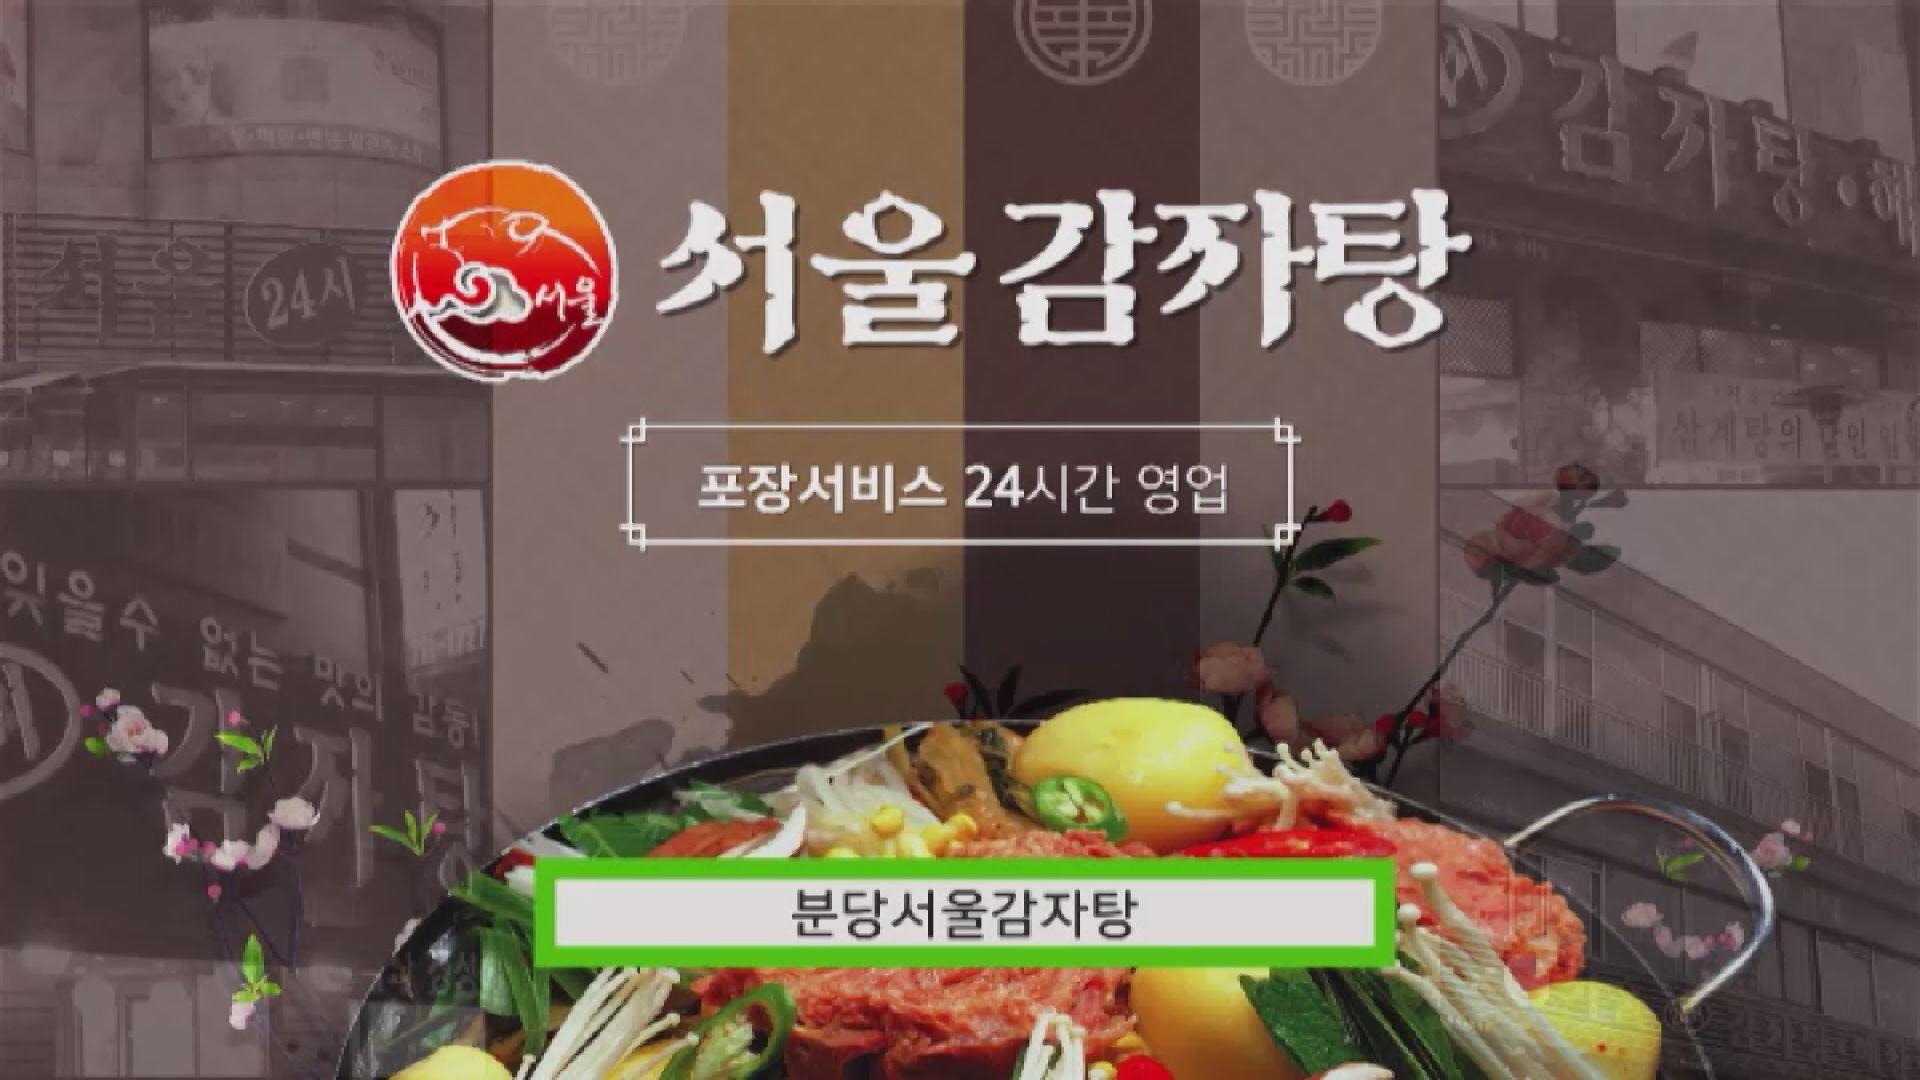 서울감자탕광고이미지